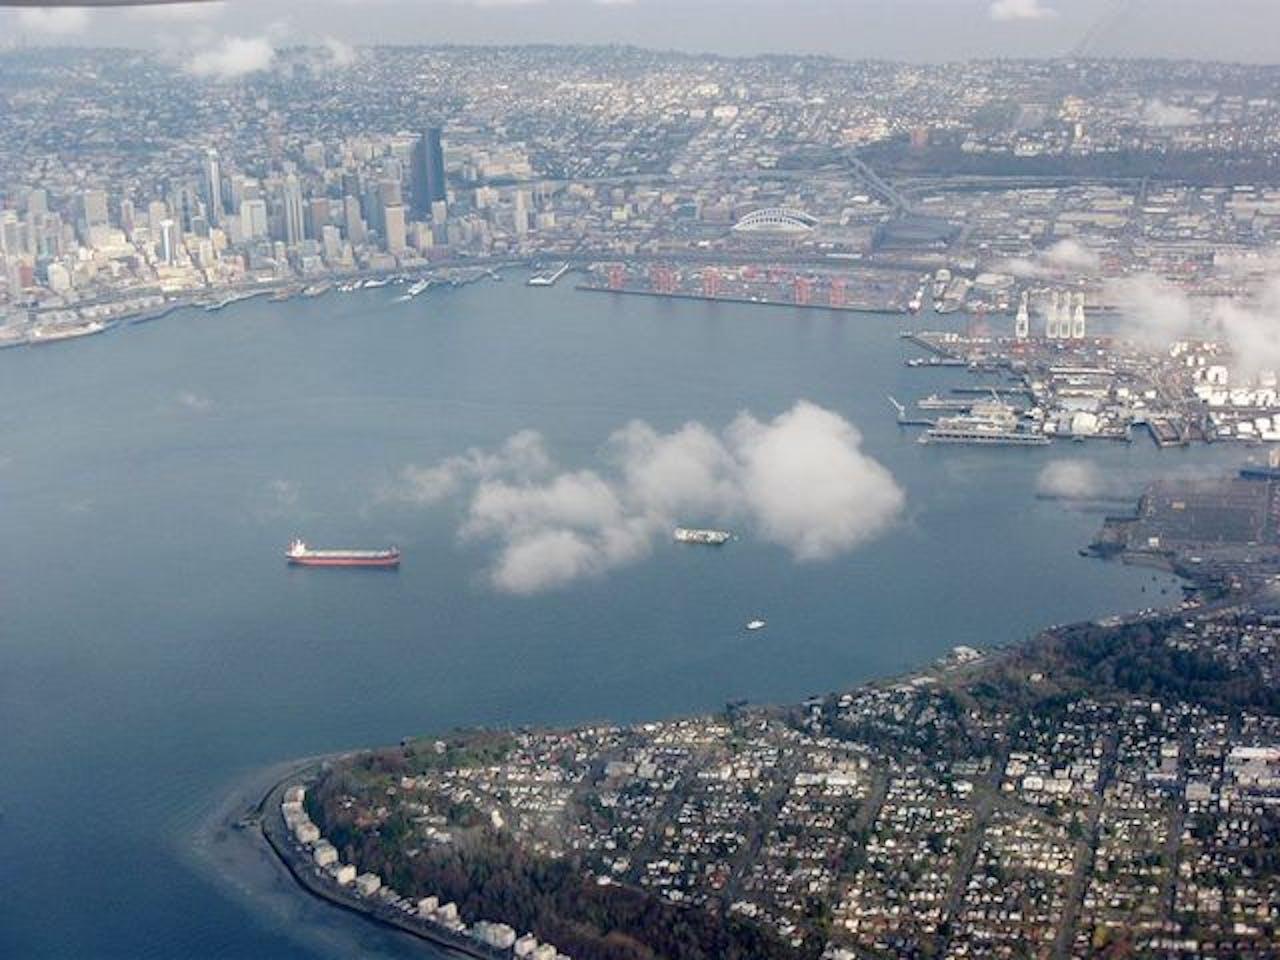 Elliot Bay, Seattle